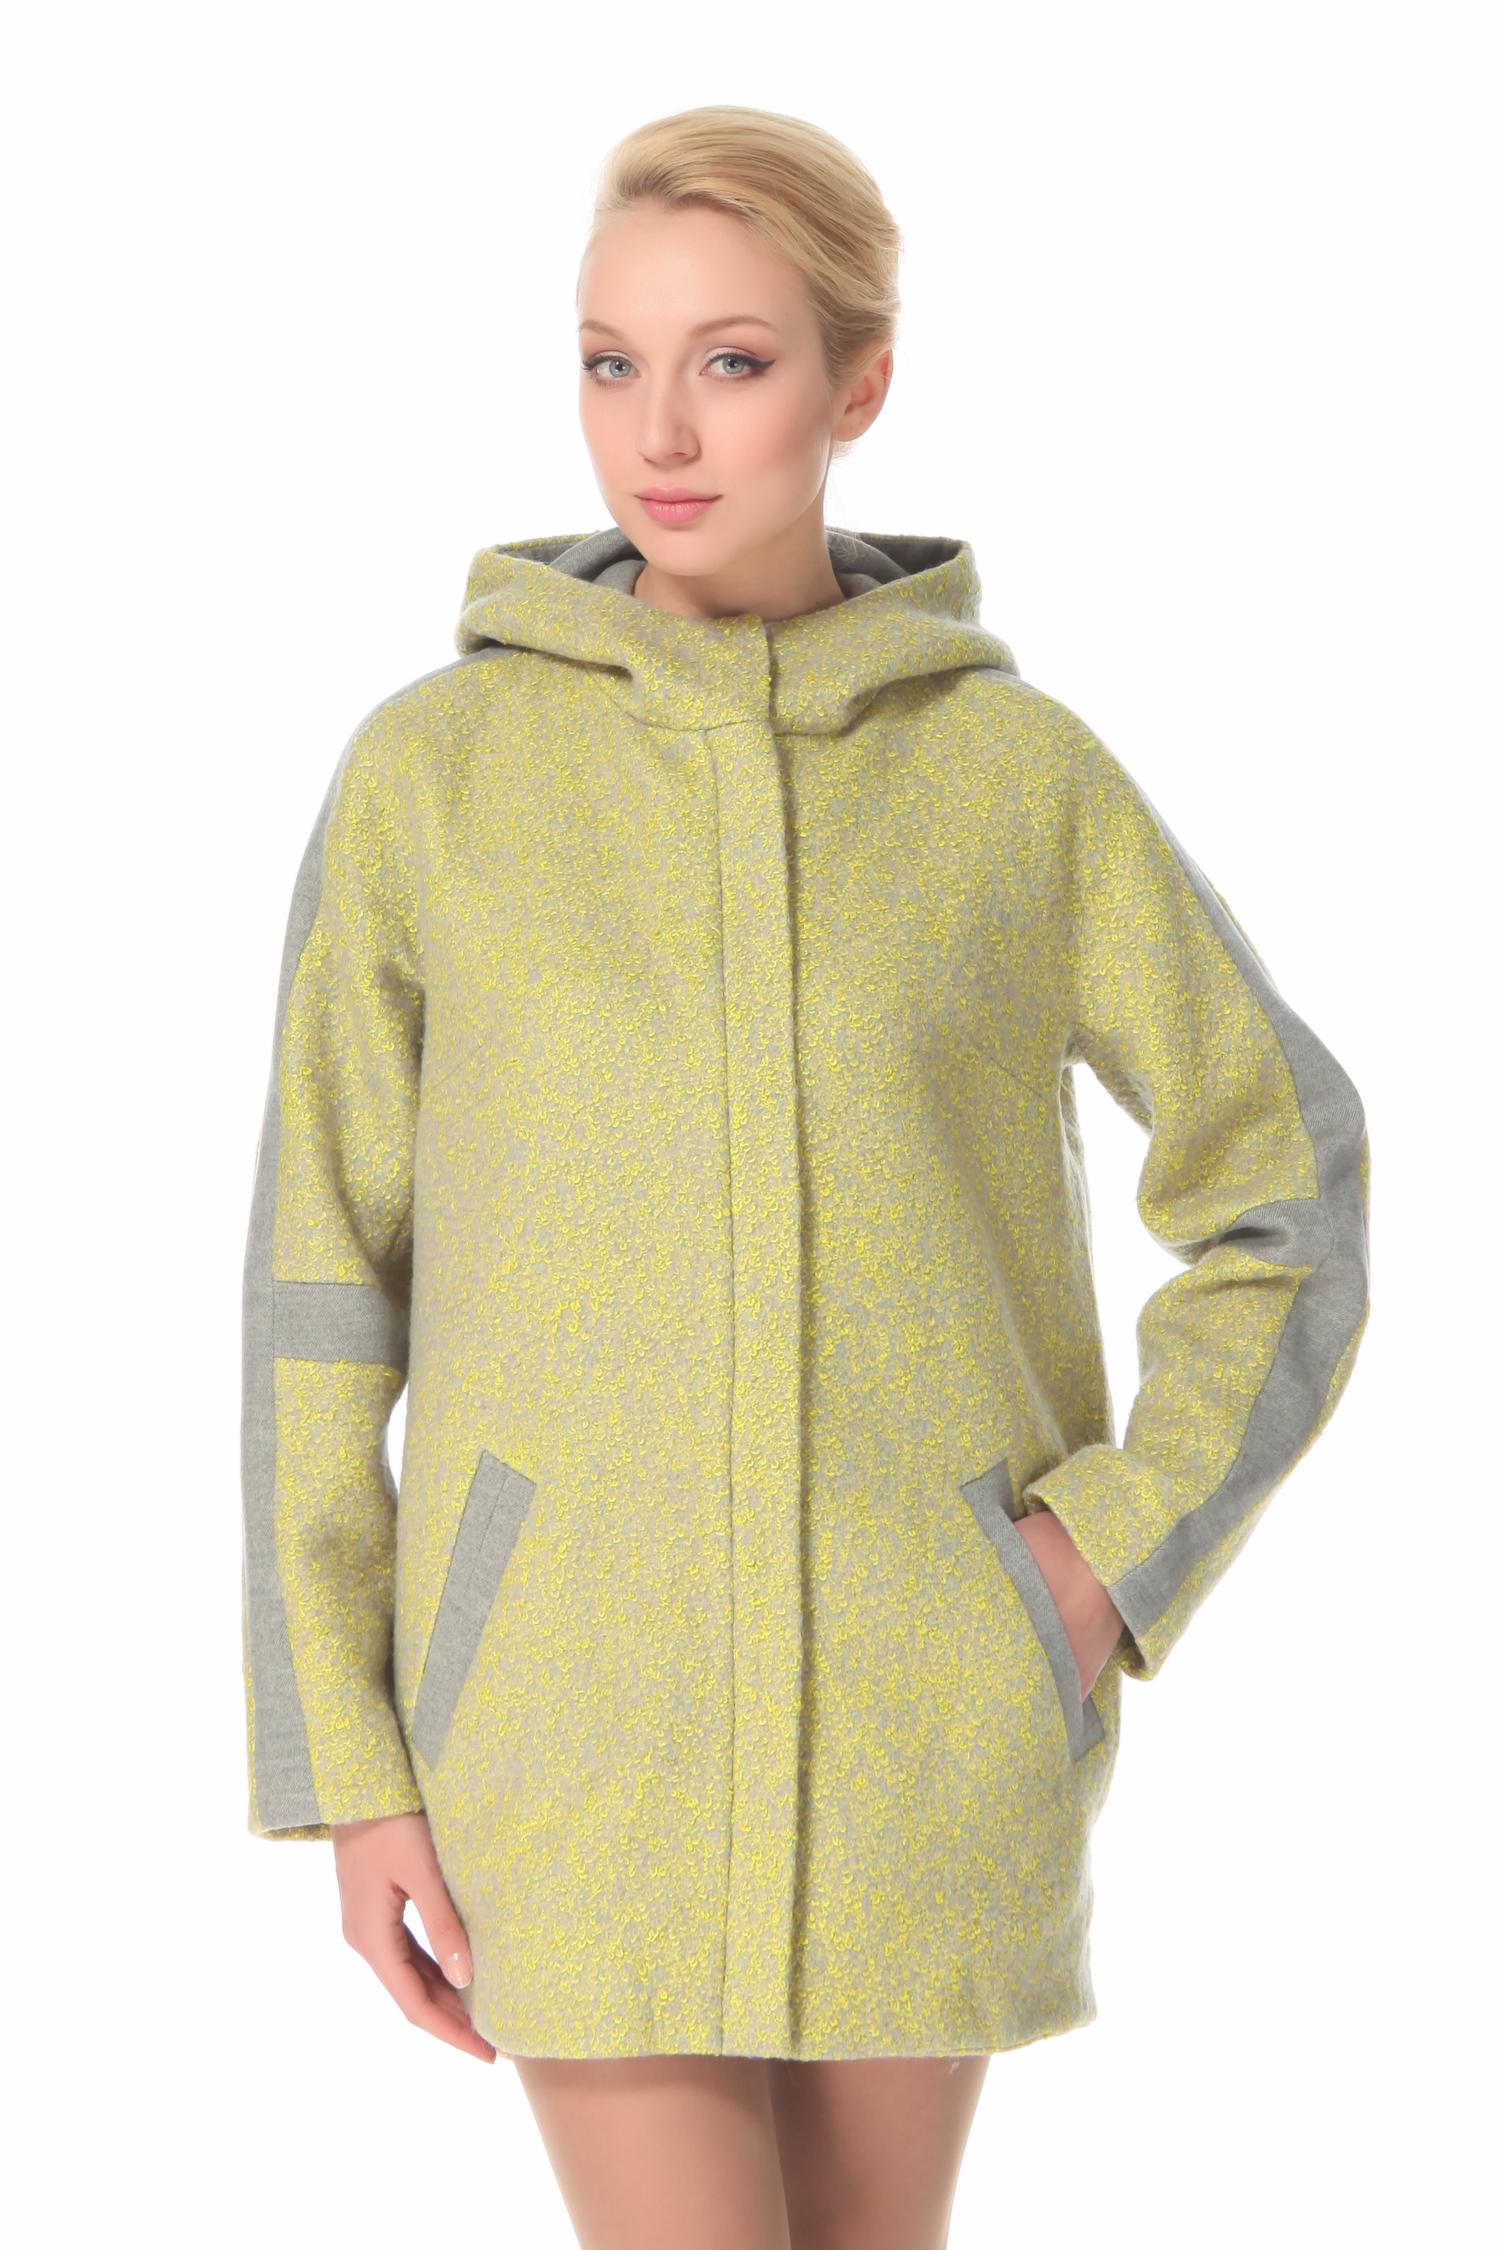 Женское пальто с капюшоном, без отделкиПальто от Московской меховой компании выполнено из кашемира желтого цвета.<br><br>Модель прямого силуэта с застежкой на кнопку и молнию.<br><br>Детали: несъемный капюшон; карманы без застежки; подкладка из полиэстера.<br><br>Воротник: Капюшон<br>Длина см: 90<br>Материал: Кашемир<br>Цвет: Желтый<br>Пол: Женский